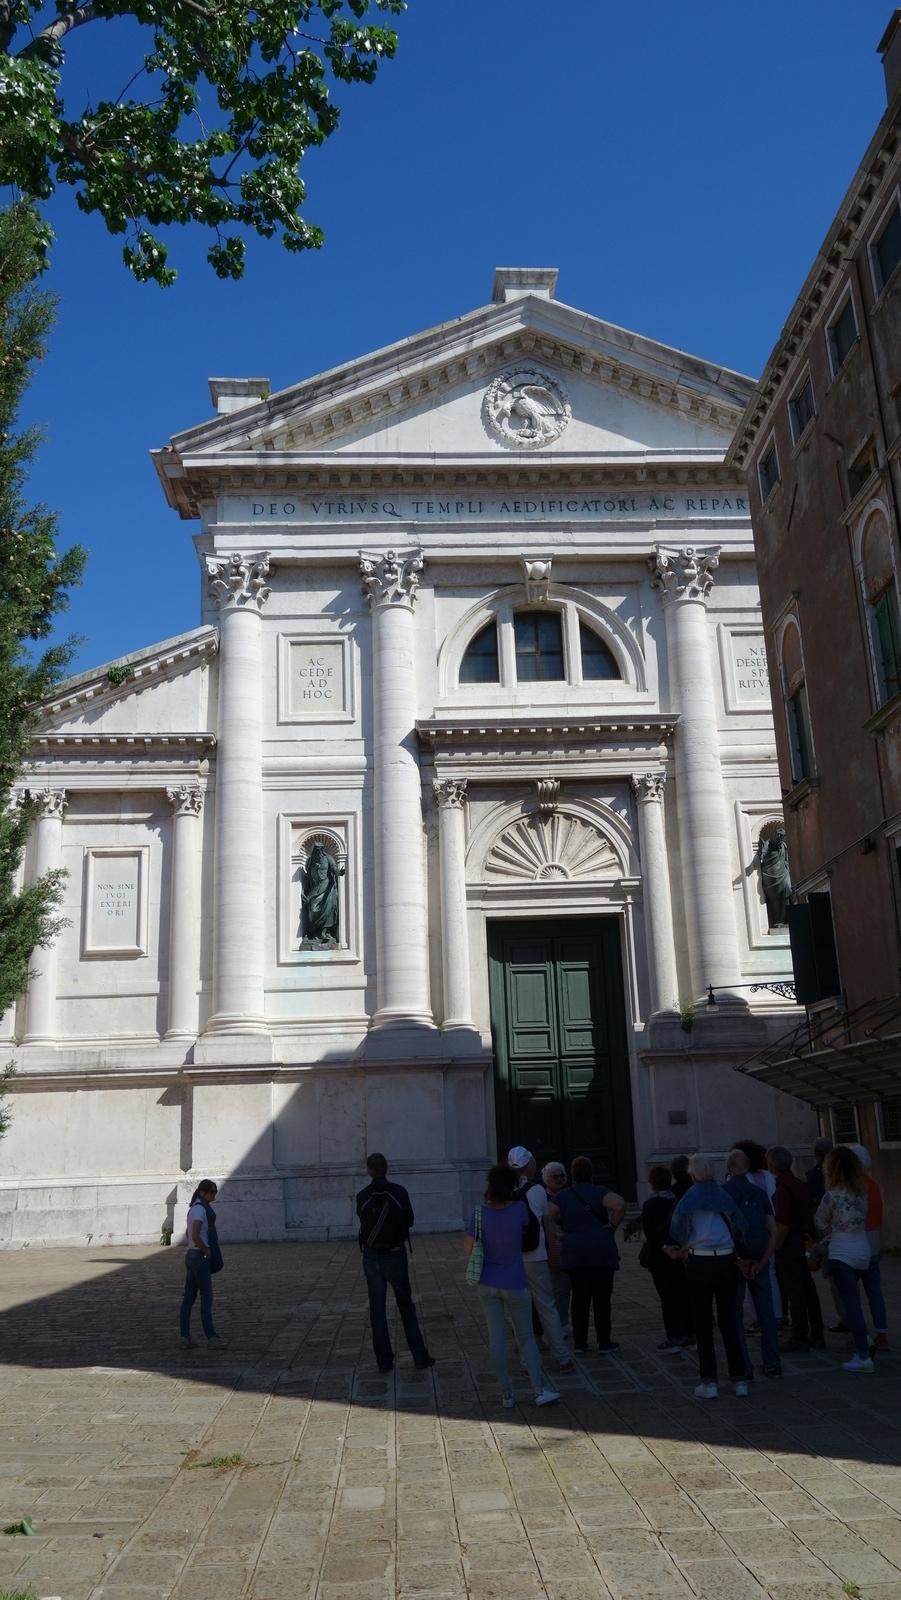 063 - San Francesco della Vigna